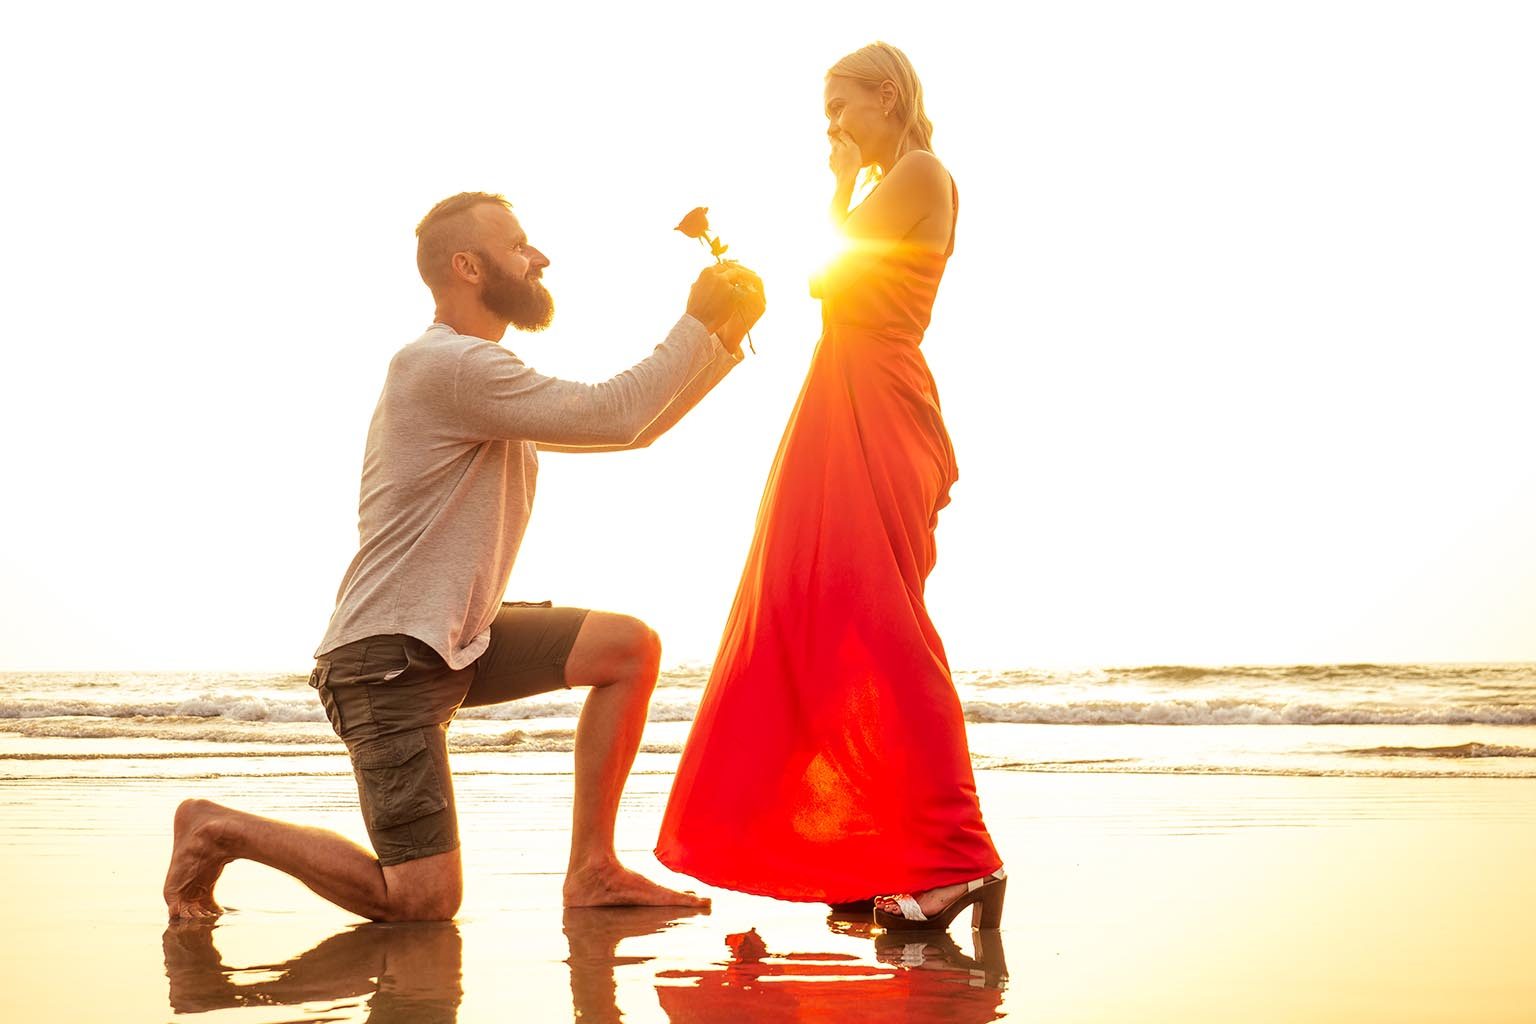 propuesta en la playa de un hombre arrodillado junto a una mujer, con un vestido largo rojo al atardecer